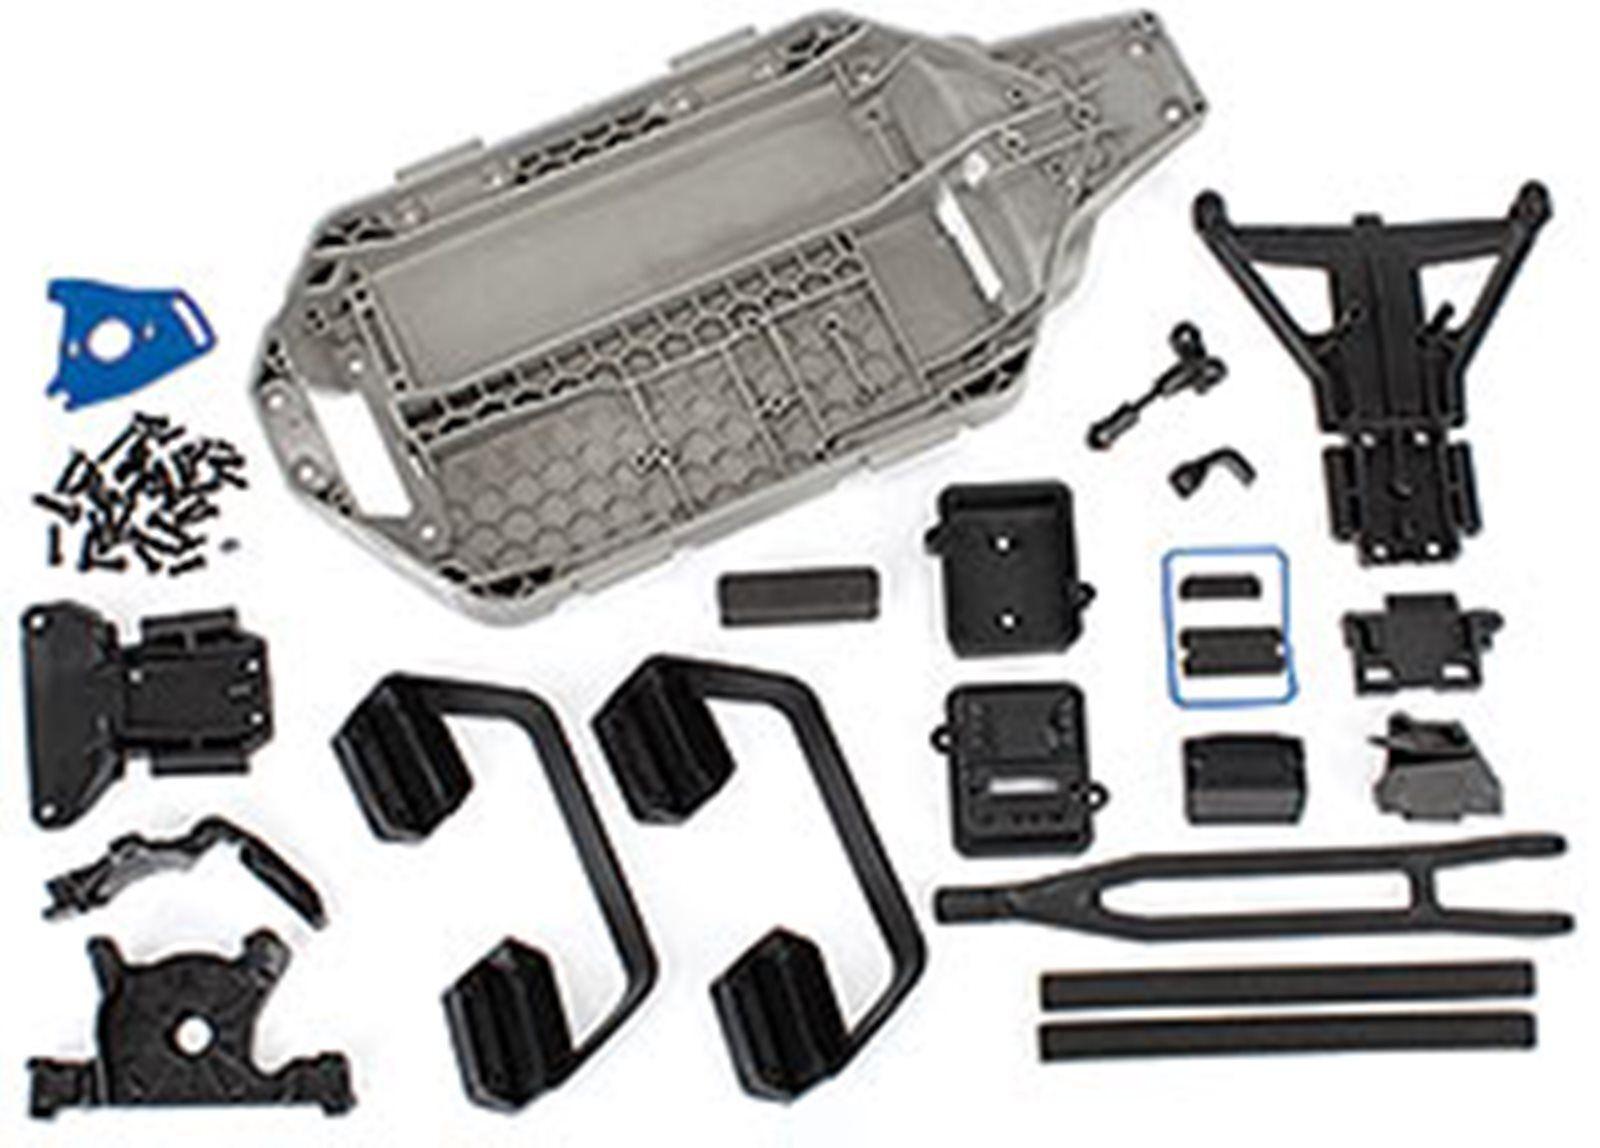 Low  CG Chassis Conversion Kit Traxxas Slash 4x4  TRA7421  garantito